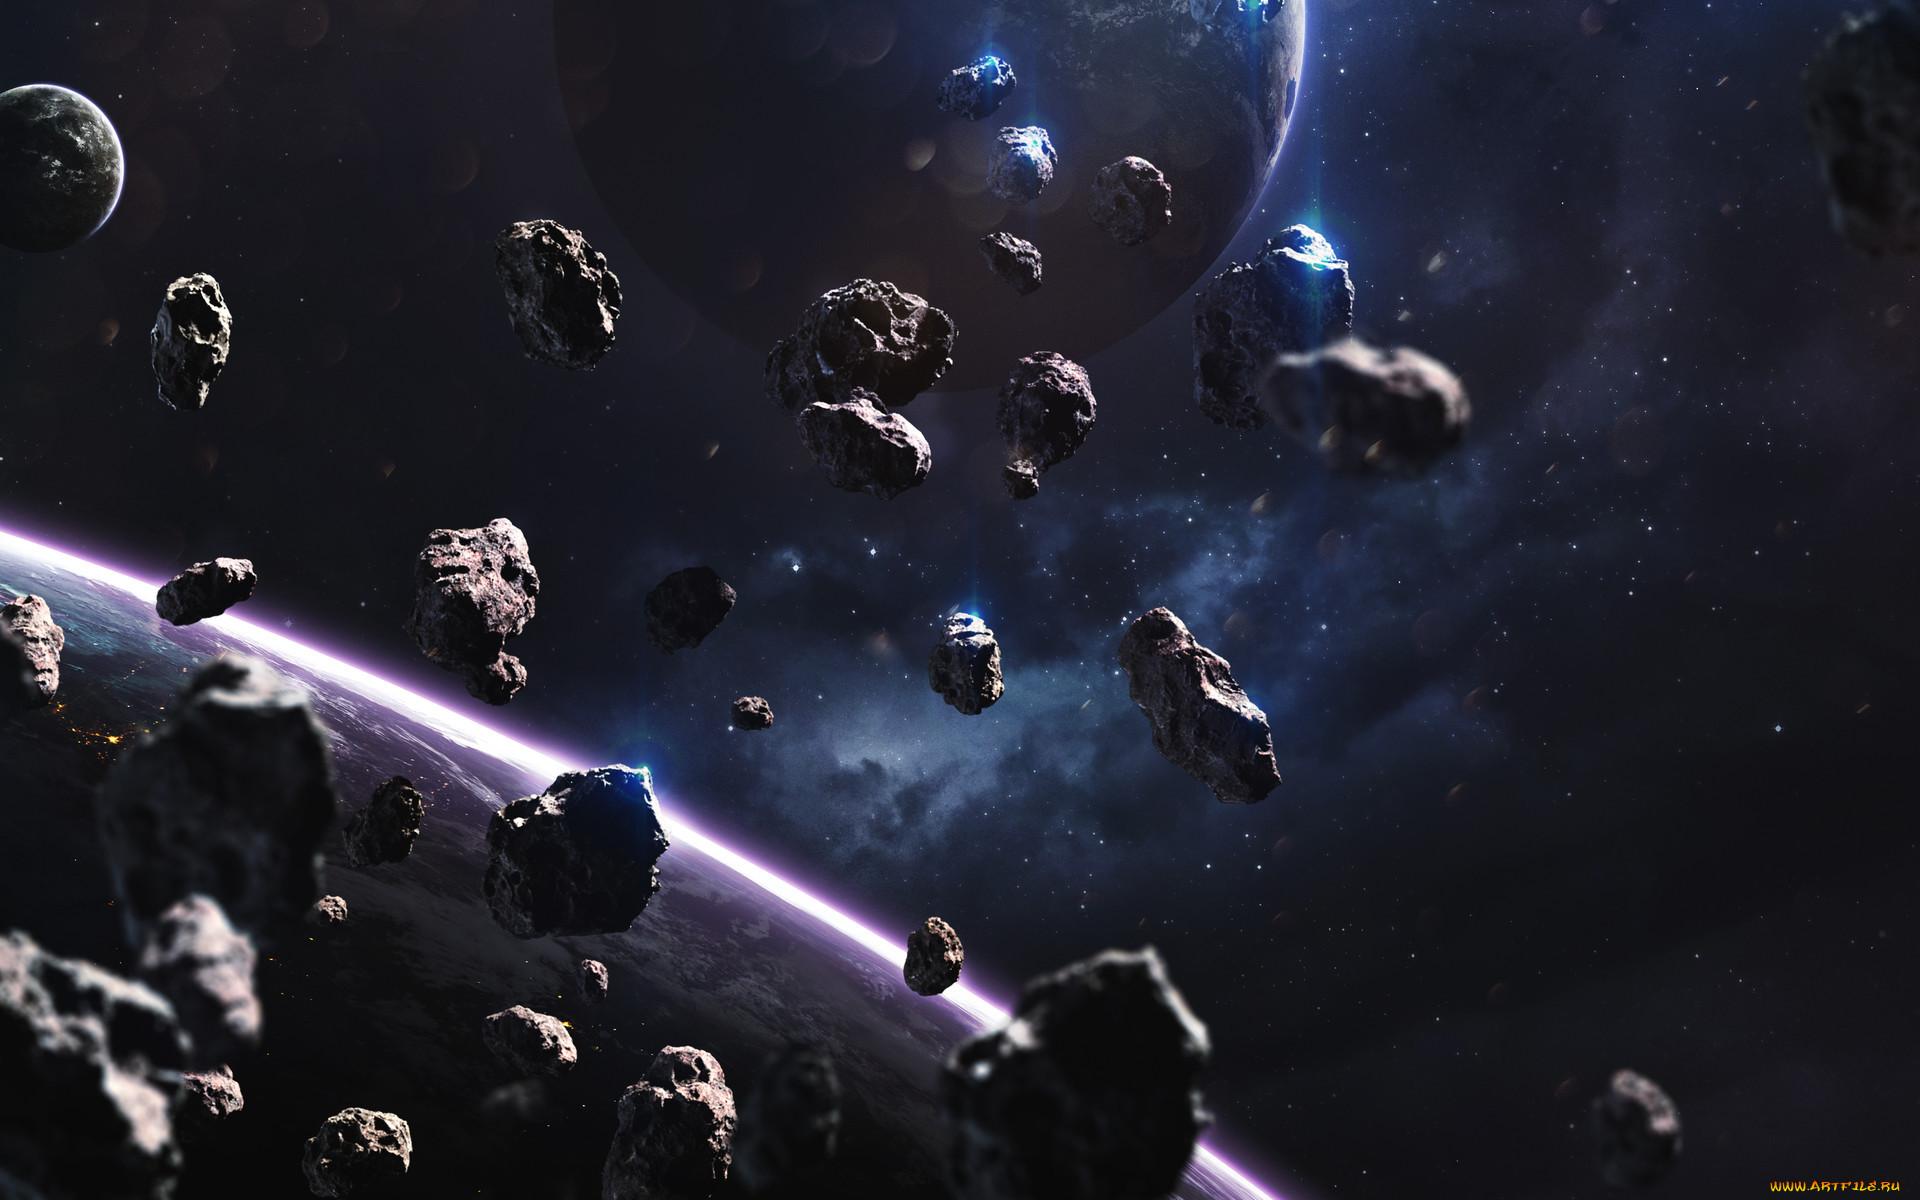 метеоры в космосе картинки еще